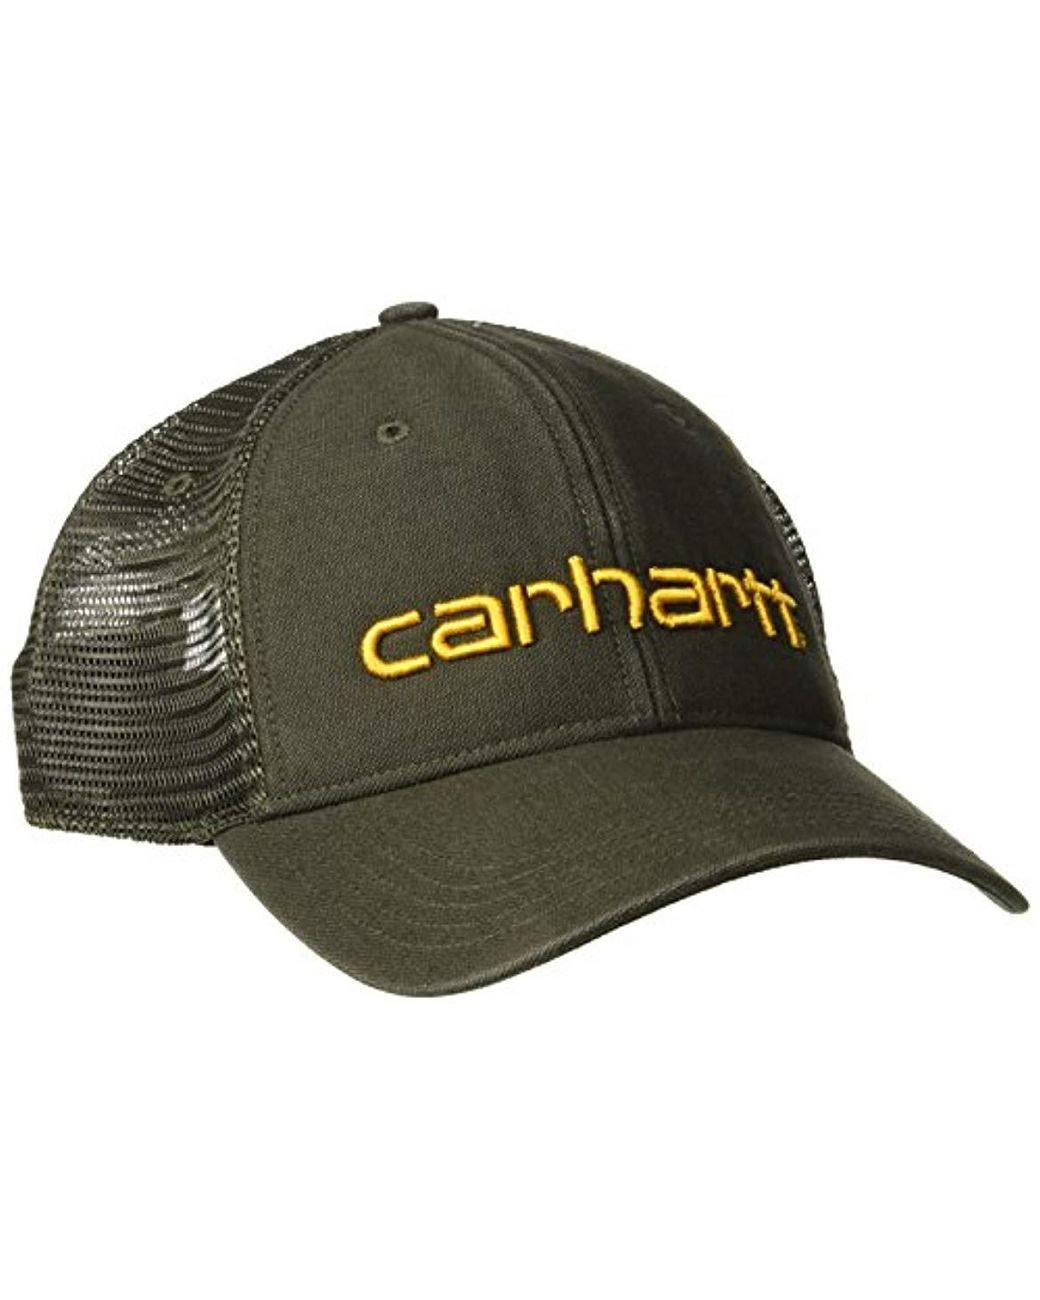 7b0b097bebb61 Carhartt Dunmore Cap in Green for Men - Save 5% - Lyst